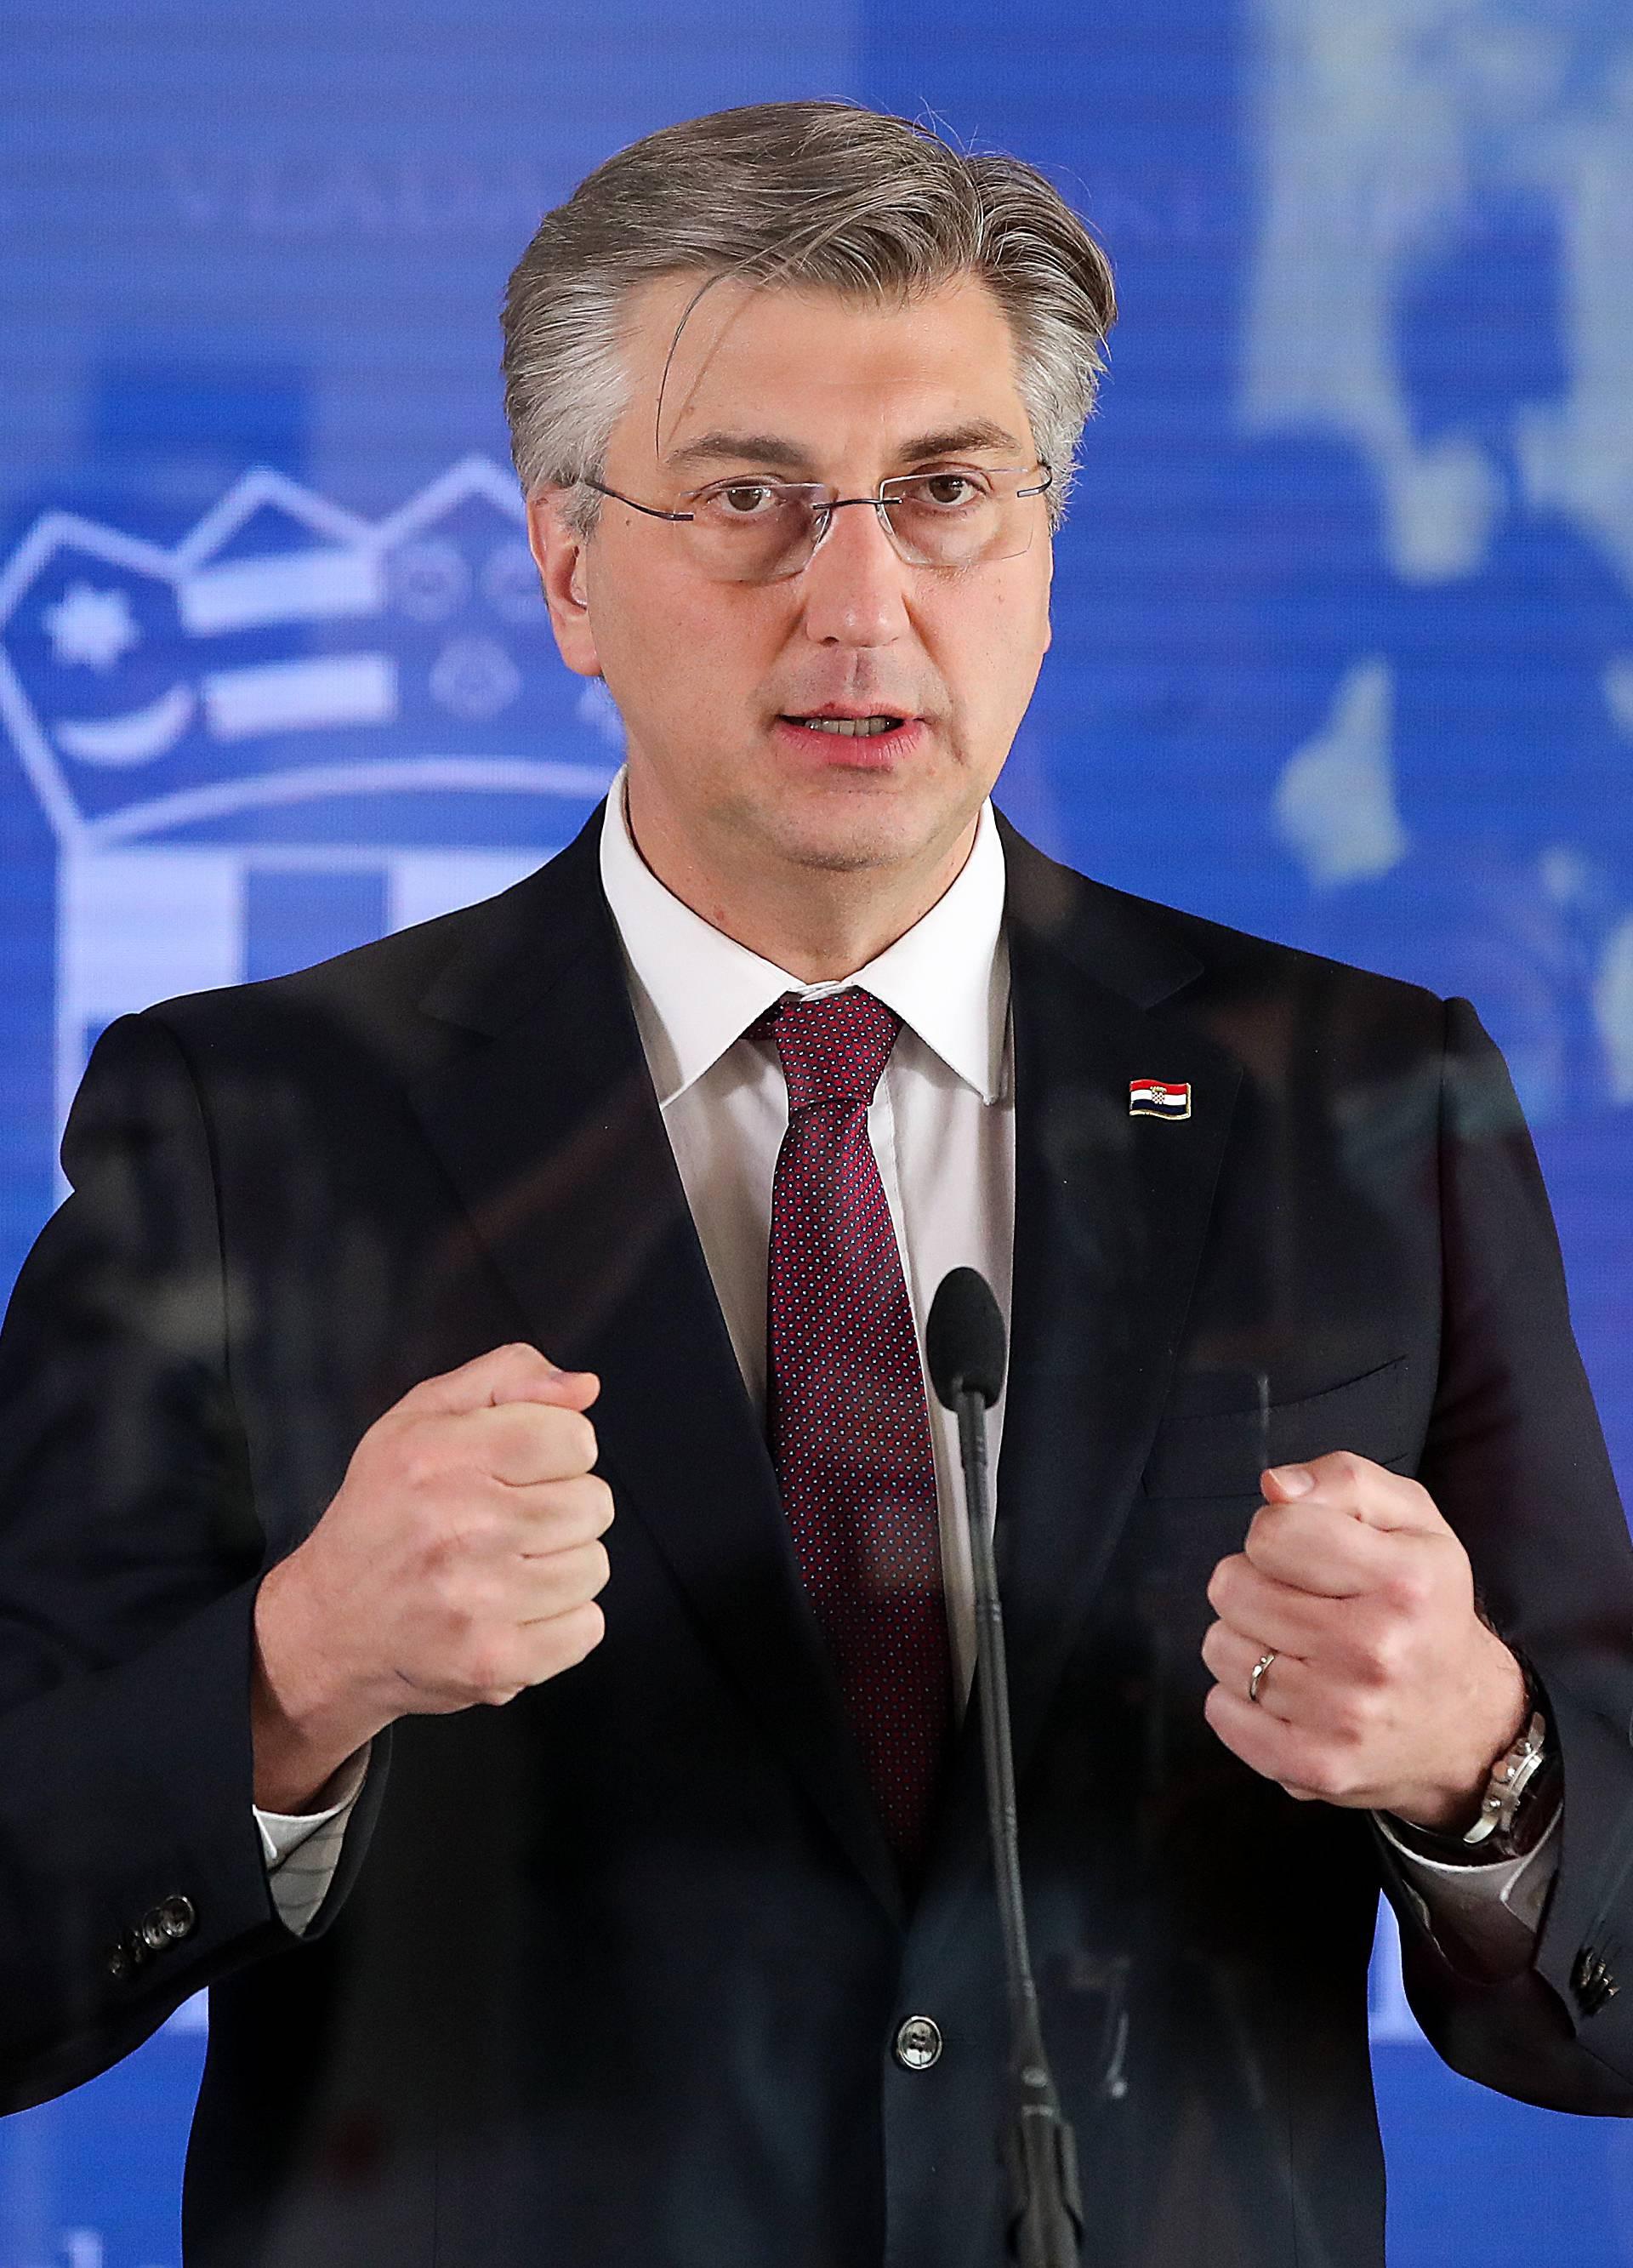 Zagreb: Predsjednik Vlade Andrej Plenković nakon sjednice medijima dao je kratku izjavu